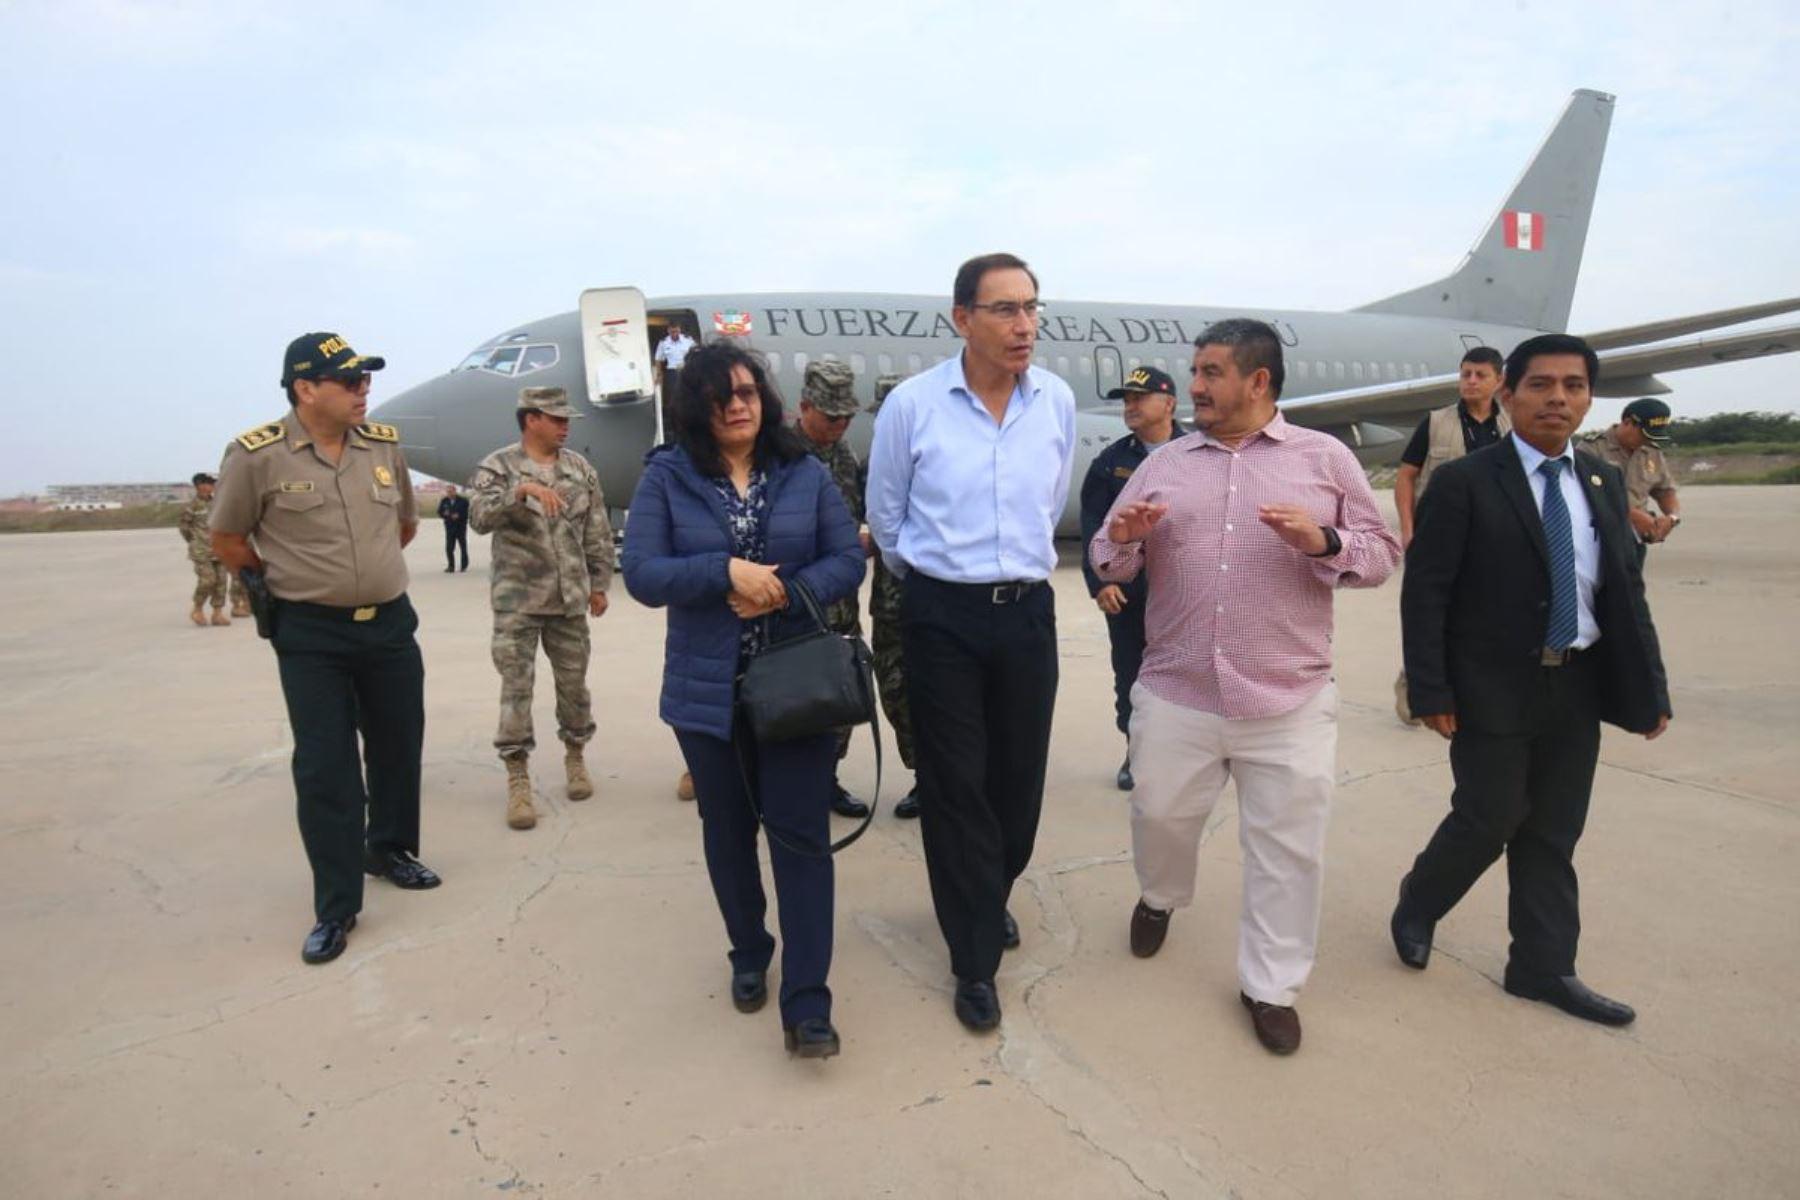 13/06/2018   El presidente Martin Vizcarra se encuentra en Chiclayo para visitar la IE Elvira García y García y supervisar el reinicio del servicio educativo Foto: ANDINA/Prensa Presidencia